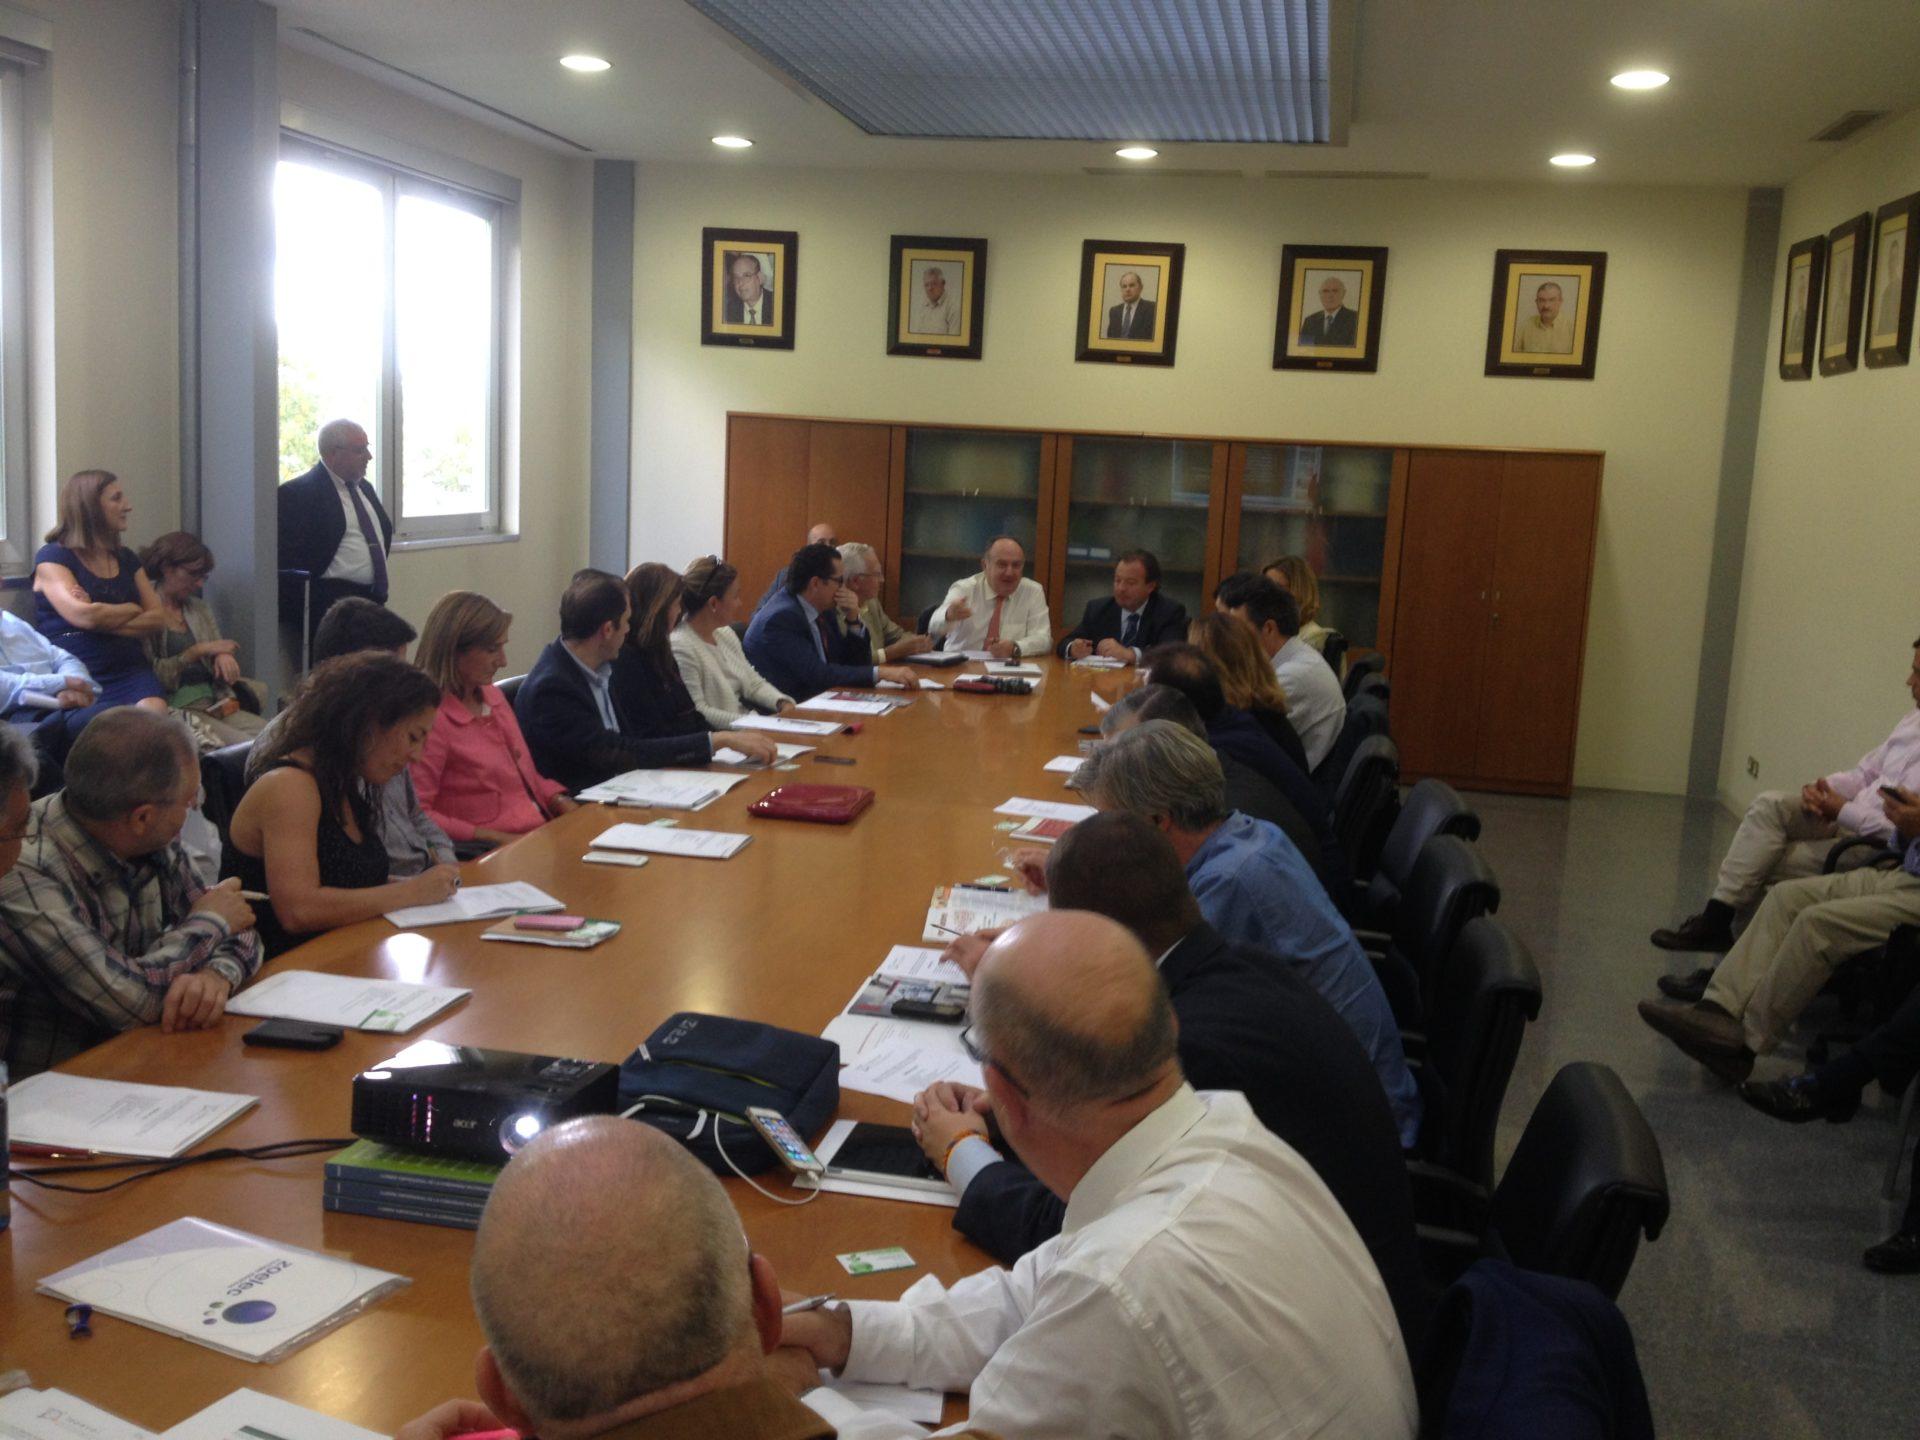 Reunión de la Junta Directiva de FEPEVAL: incorporación de Asociación del polígono L'Alter de Alcàsser, Asociación de Polígonos de Paiporta y Entidad de Conservación Parque Logístico de València (Riba-roja)